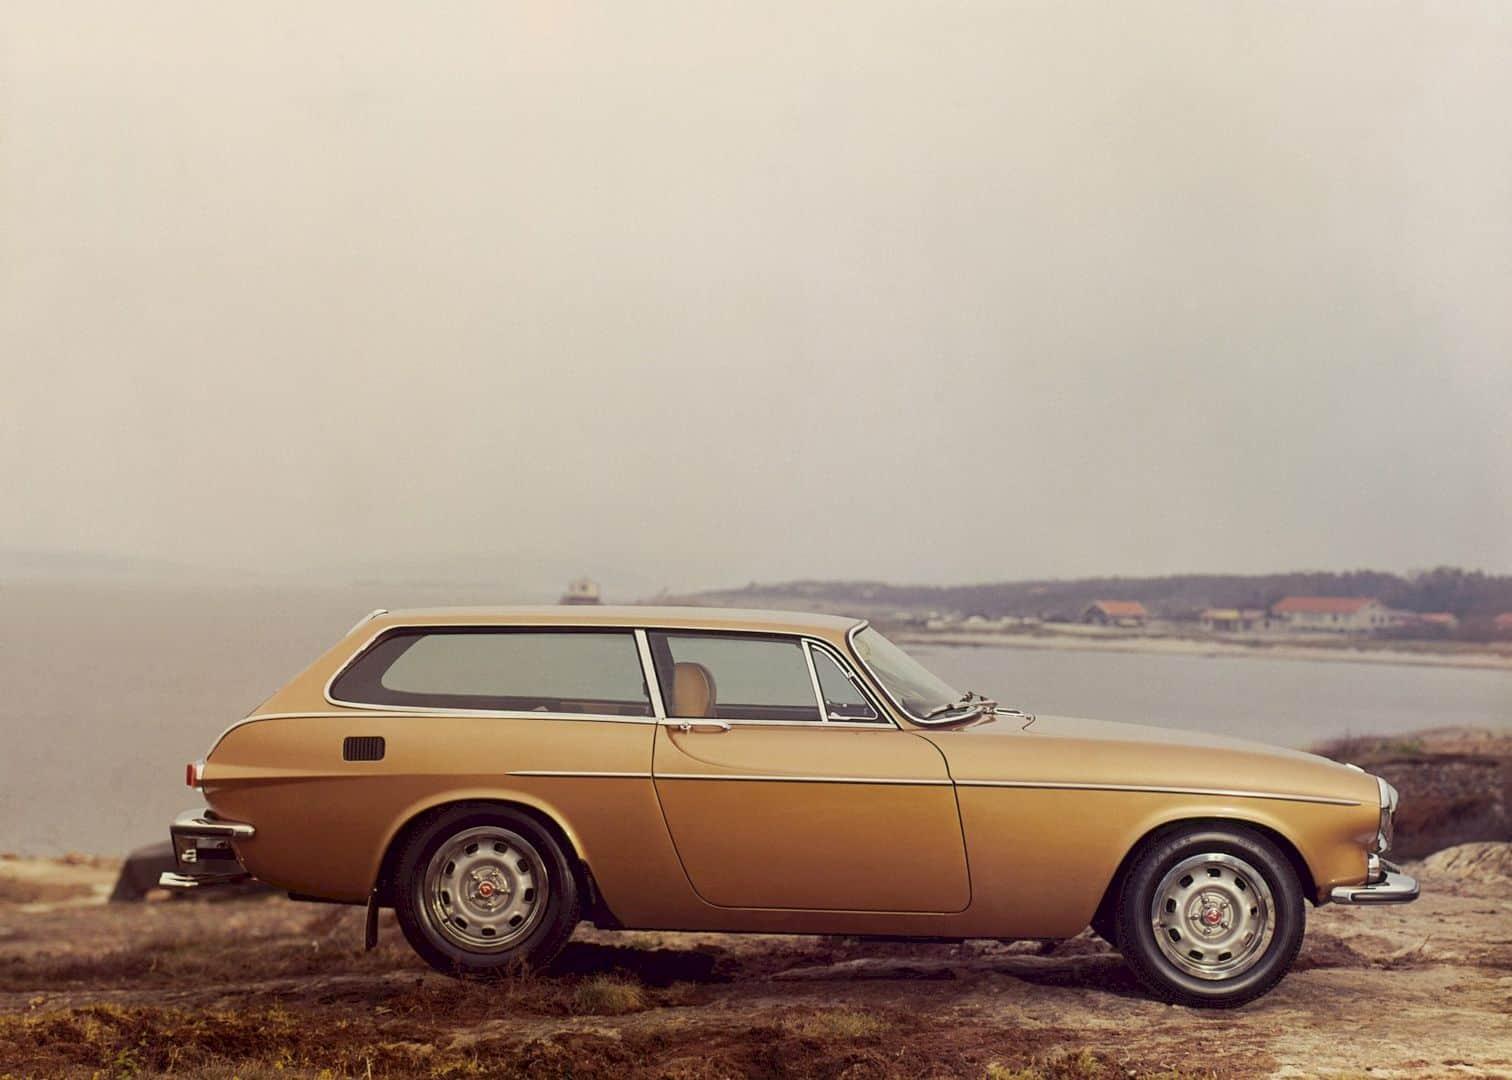 The Volvo 1800es 2